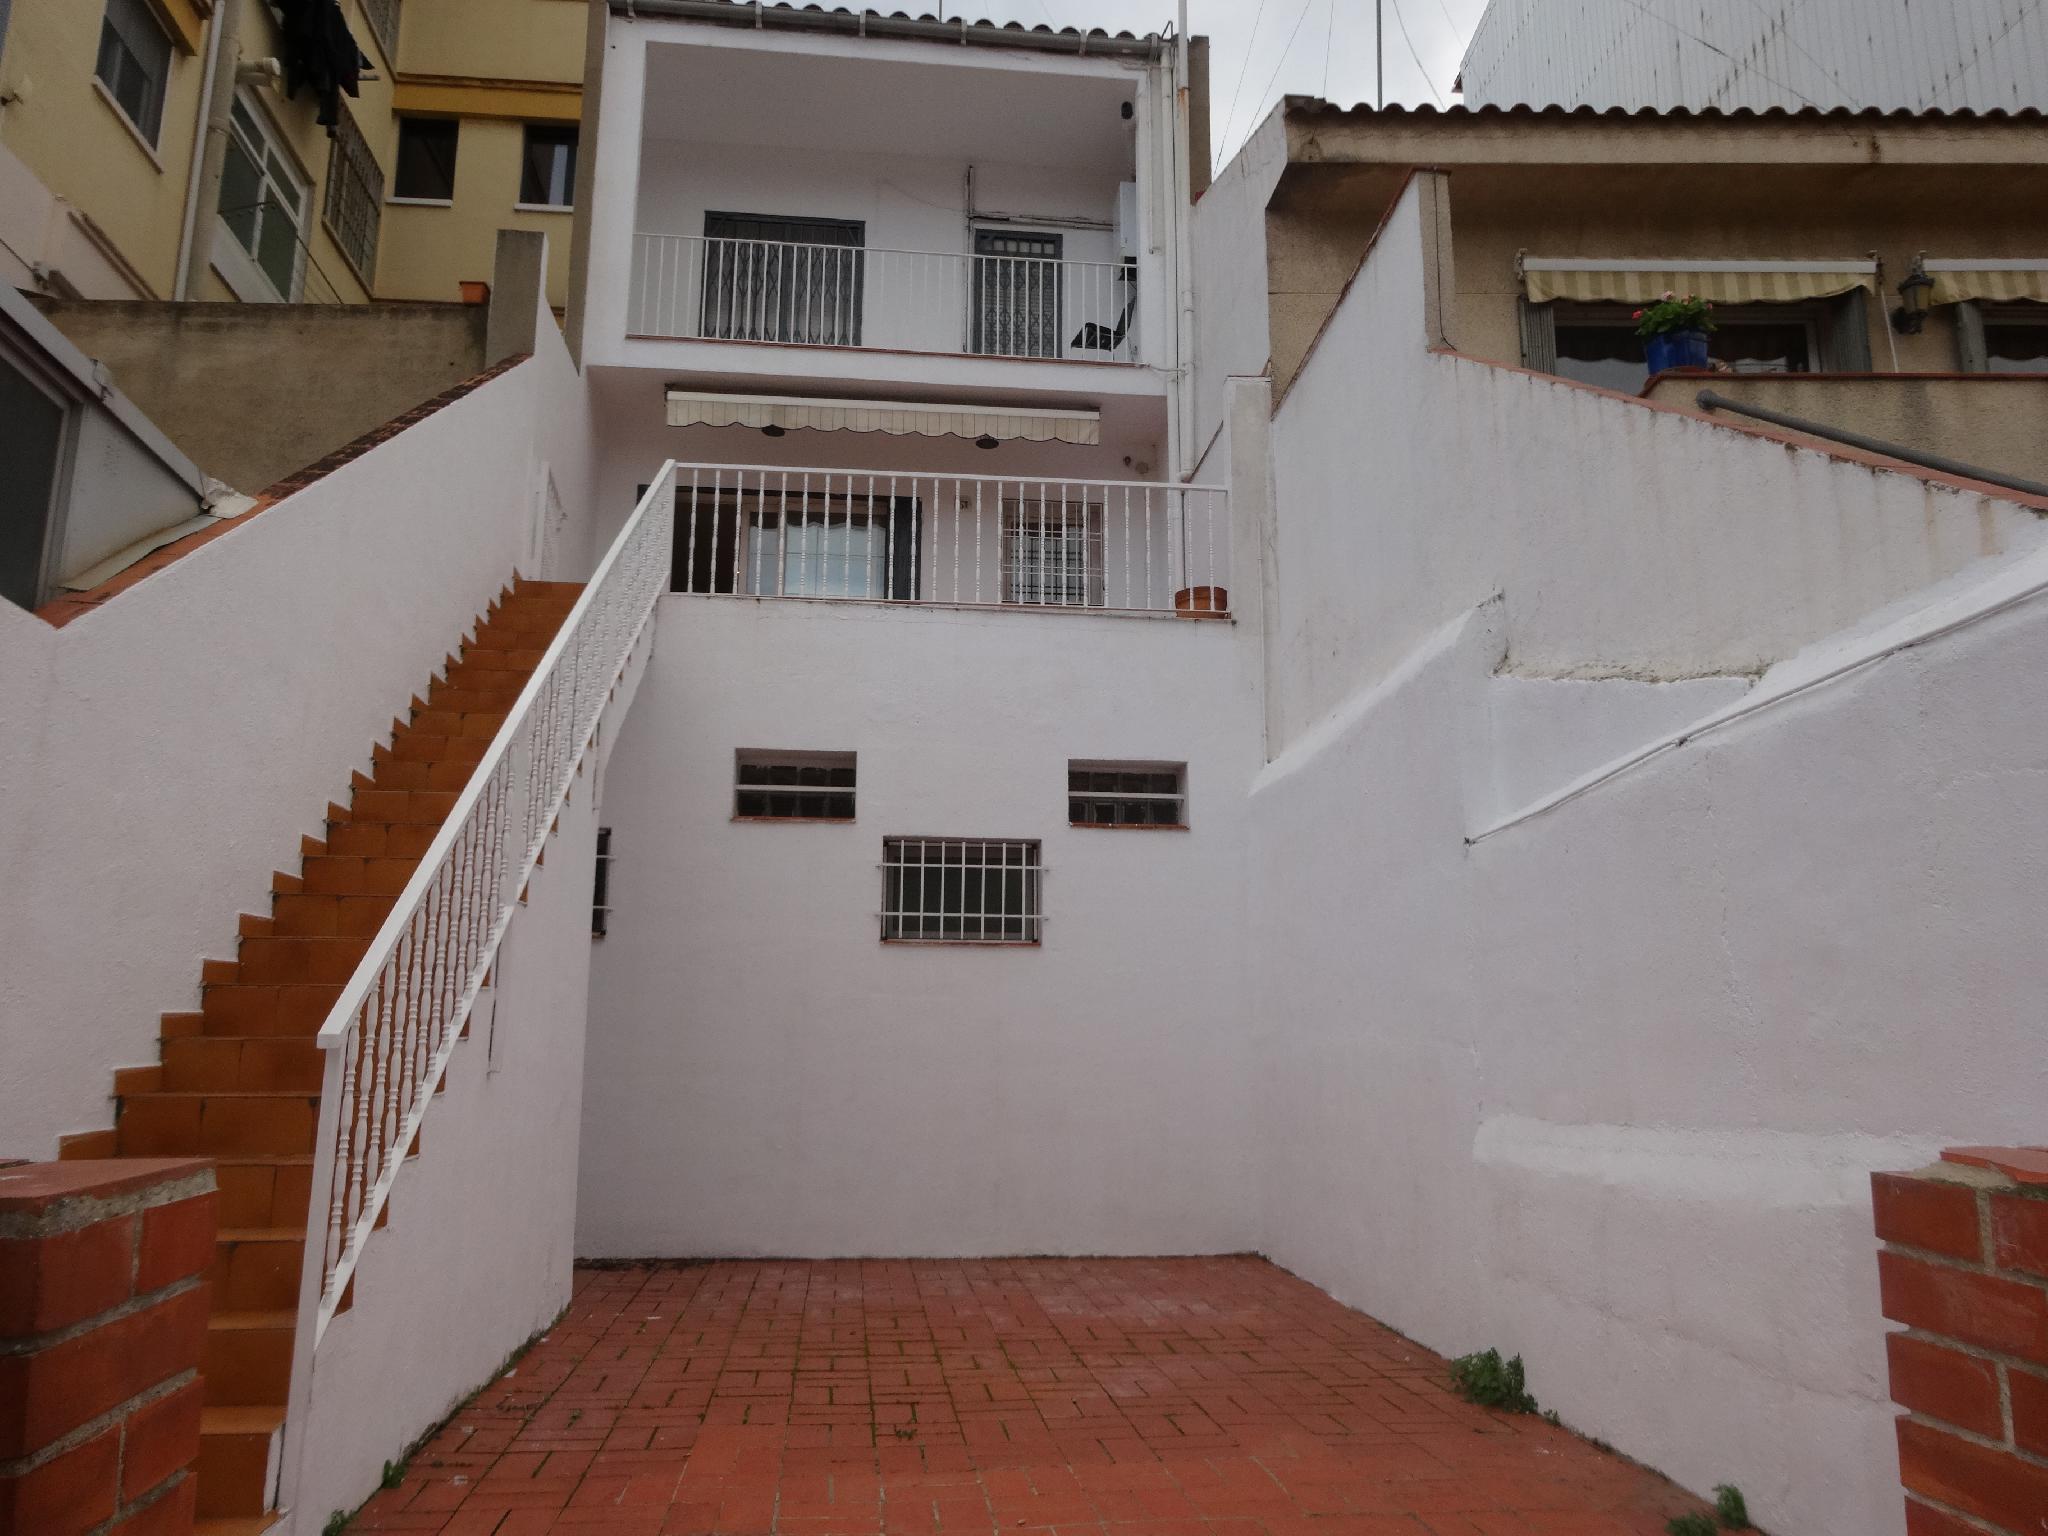 Casas en badalona centro beautiful casas en badalona for Casa jardin badalona